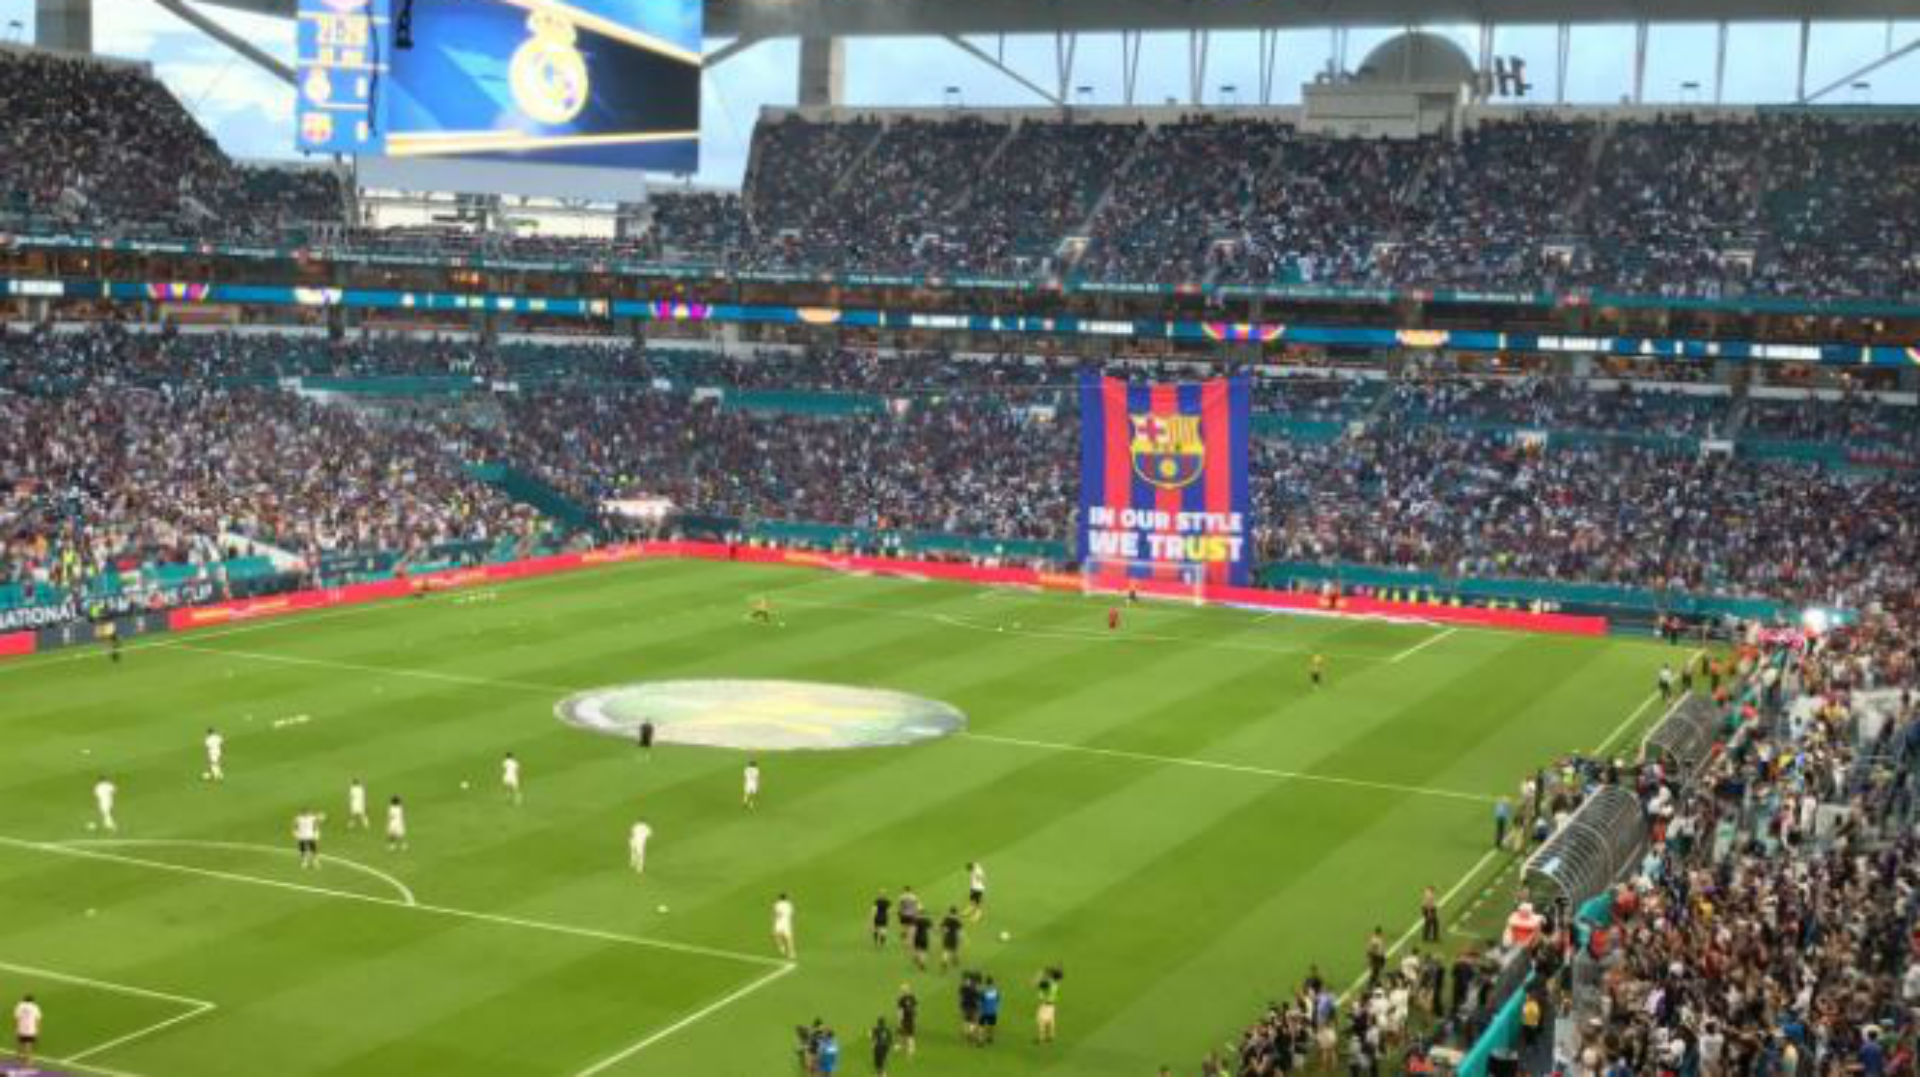 Para Miami el Clásico Madrid-Barcelona es como una Superbowl — Alcalde Giménez